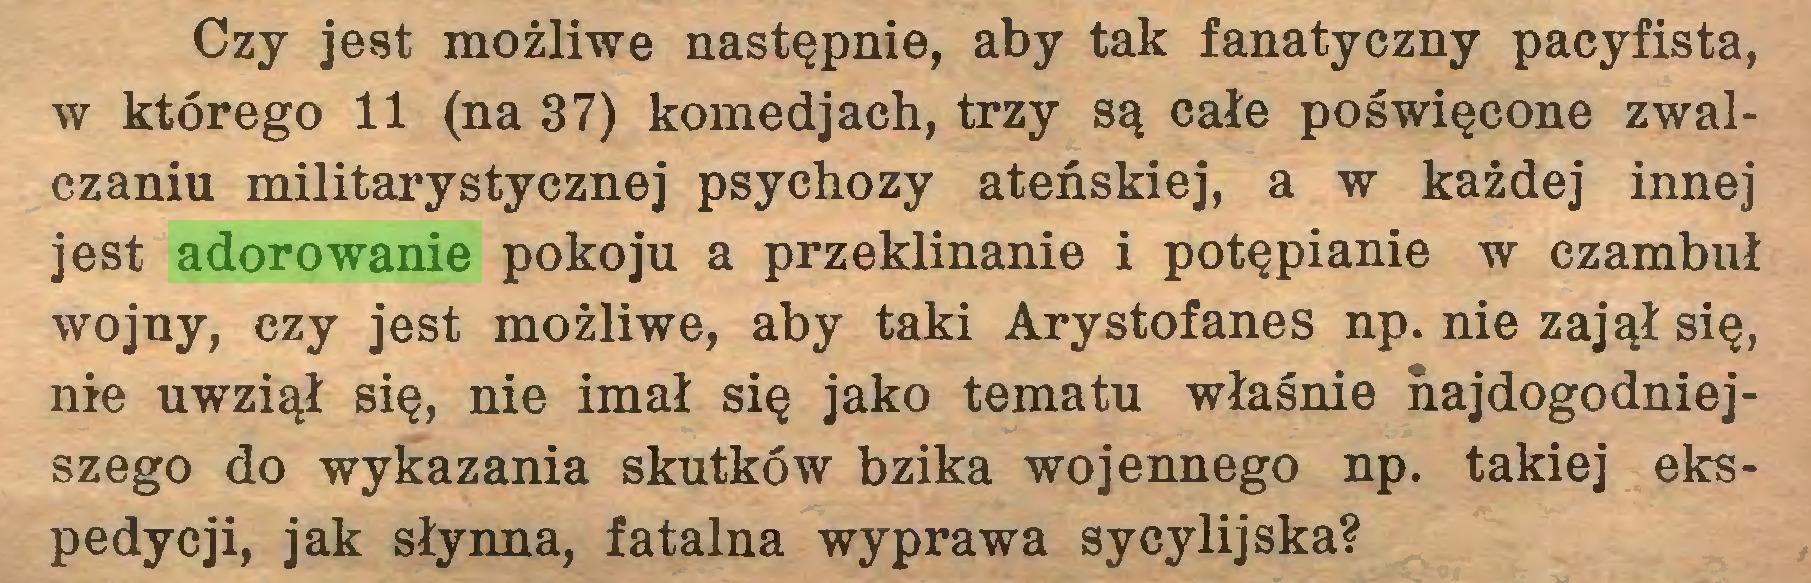 (...) Czy jest możliwe następnie, aby tak fanatyczny pacyfista, w którego 11 (na 37) komedjach, trzy są całe poświęcone zwalczaniu militarystycznej psychozy ateńskiej, a w każdej innej jest adorowanie pokoju a przeklinanie i potępianie w czambuł wojny, czy jest możliwe, aby taki Arystofanes np. nie zajął się, nie uwziął się, nie imał się jako tematu właśnie najdogodniejszego do wykazania skutków bzika wojennego np. takiej ekspedycji, jak słynna, fatalna wyprawa sycylijska?...